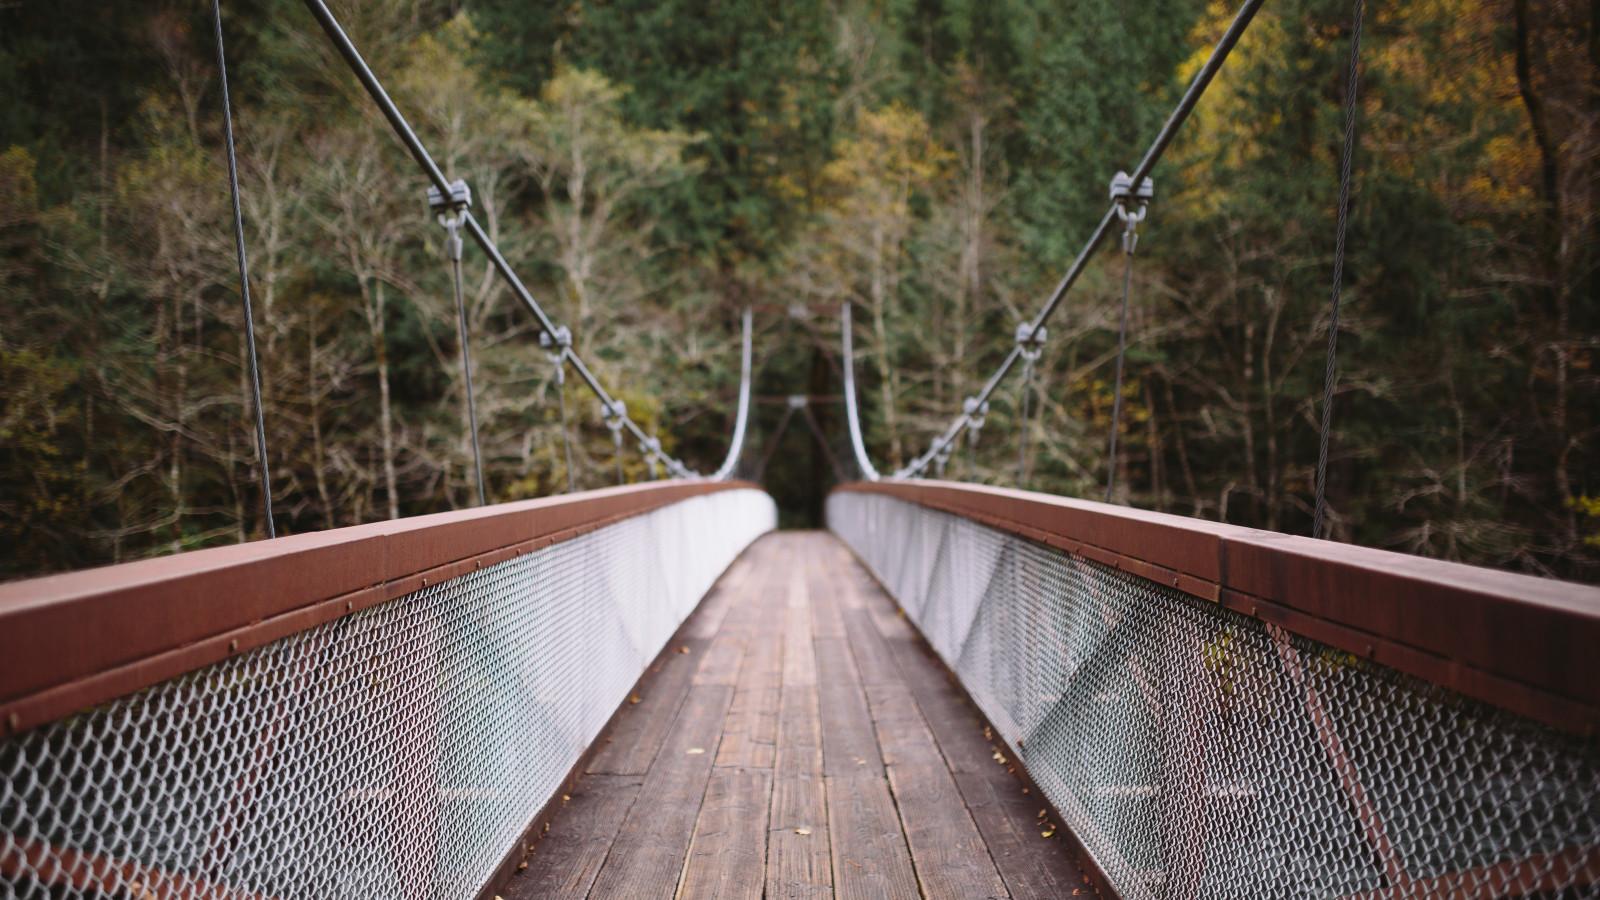 находится постер подвесной канатный мост хофф карандашом самый, пожалуй